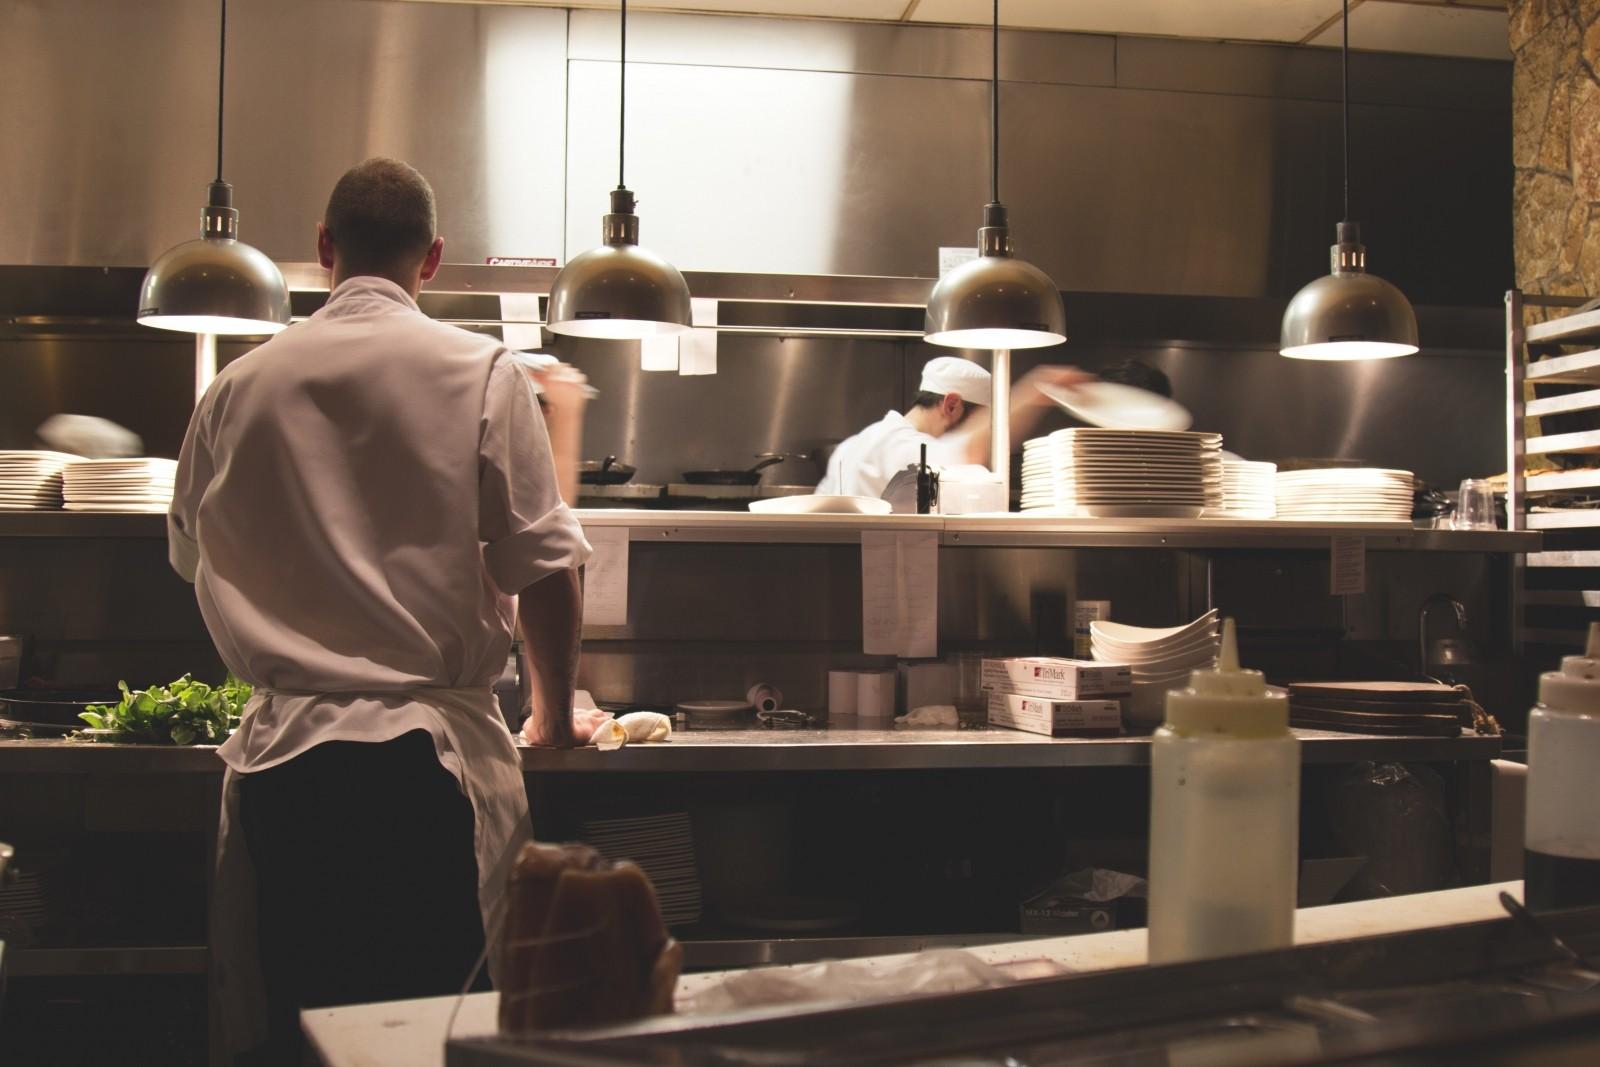 chief-preparing-food-in-restaurant-kitchen